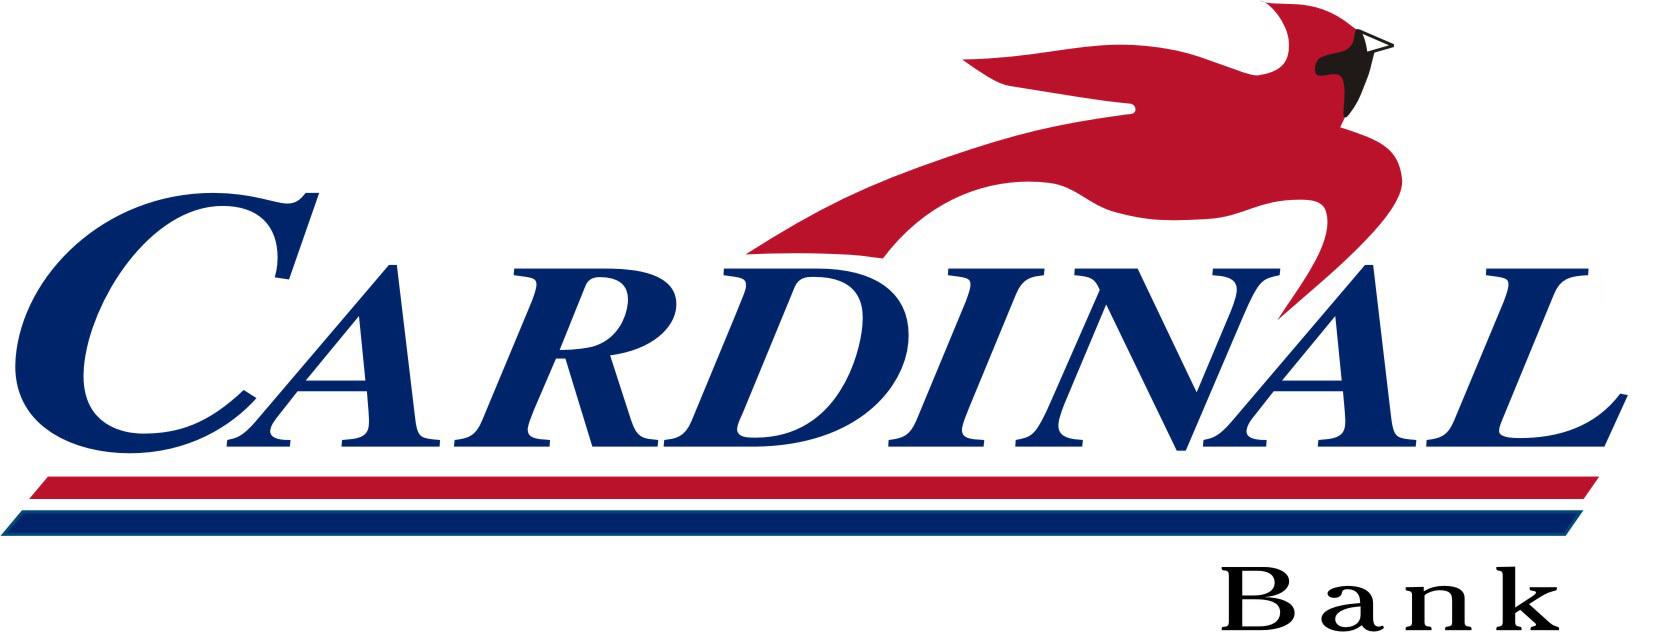 ccardinal_bank_logo